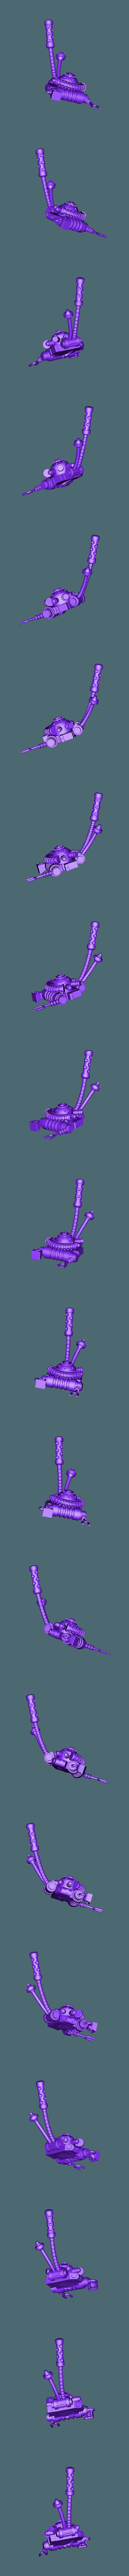 Ranger_4.1_-_Backpack.stl Télécharger fichier STL gratuit Rangers mécanisés martiens • Plan à imprimer en 3D, ErikTheHeretek